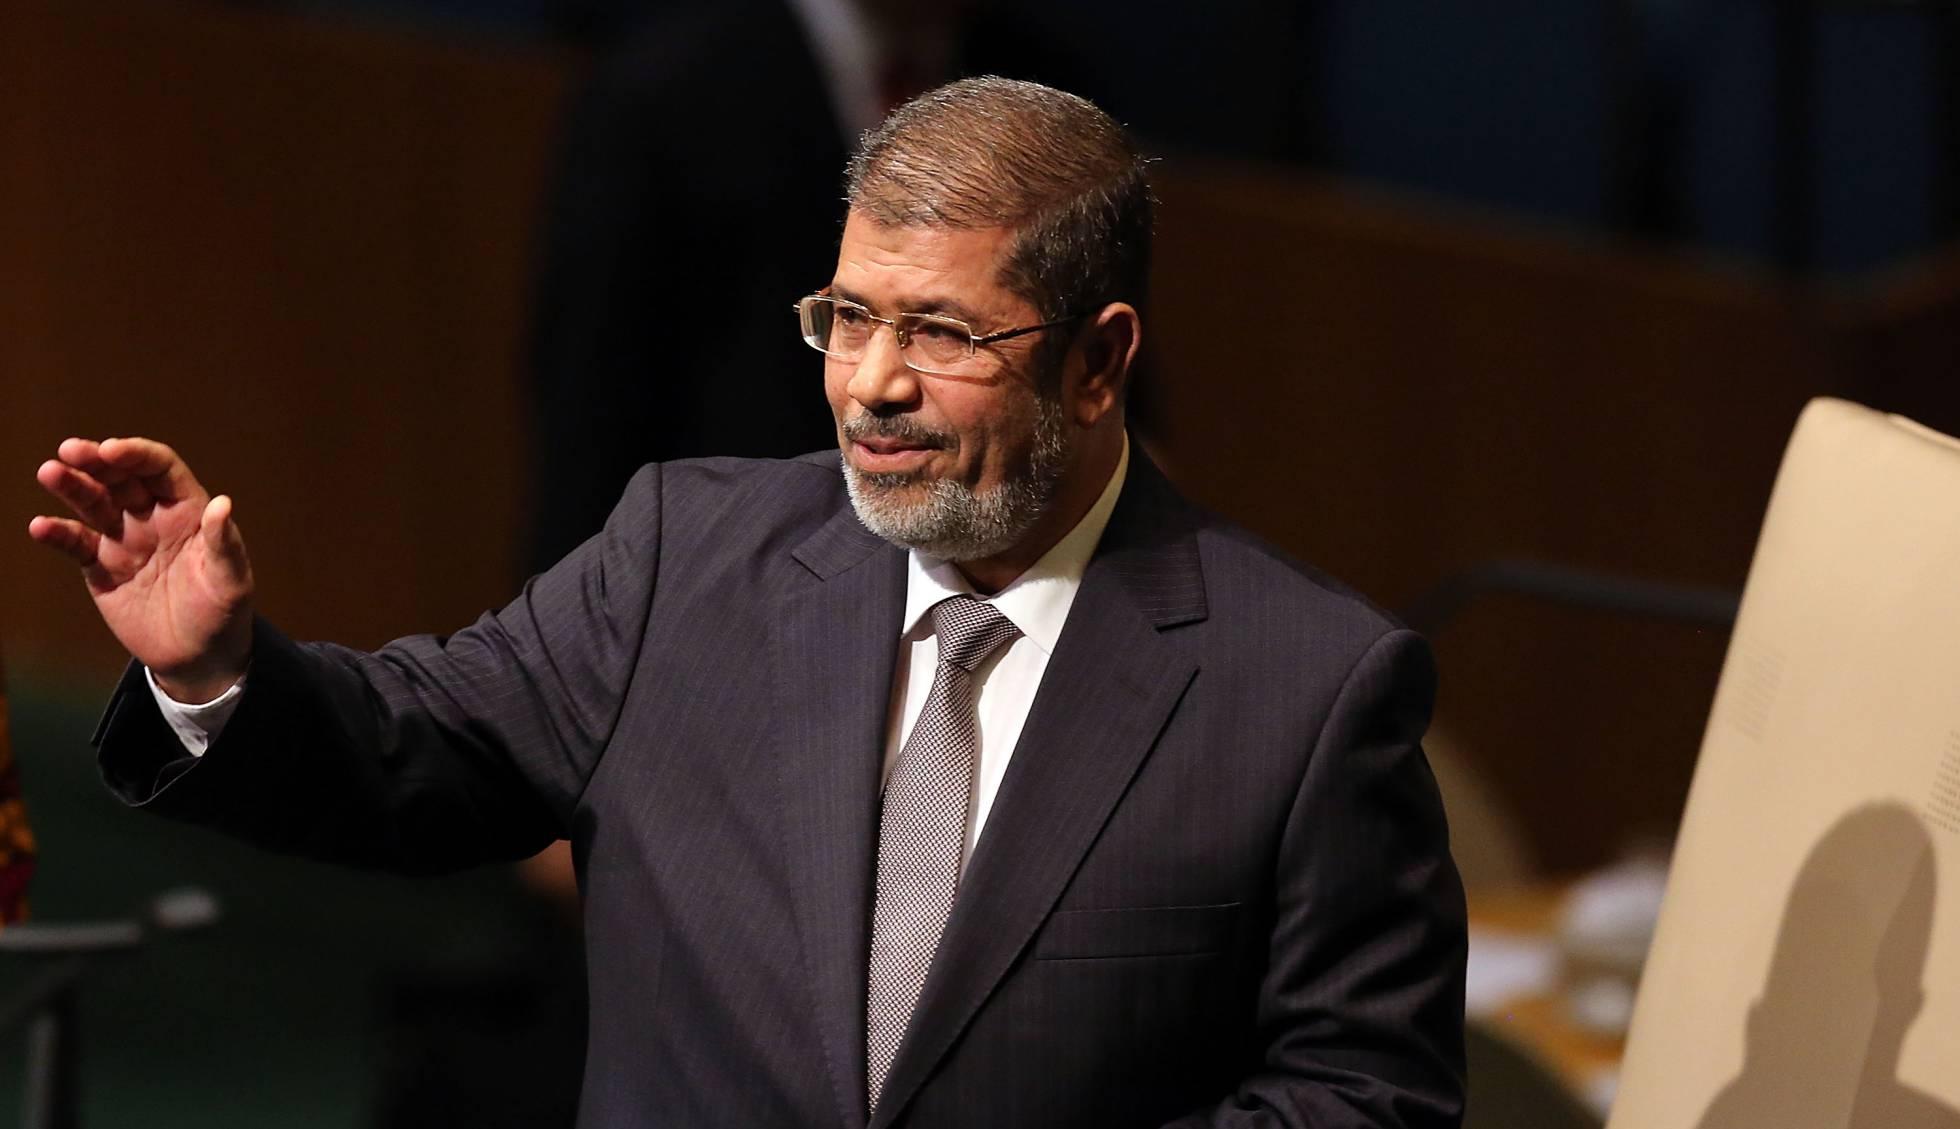 luis_emilio_velutini_banquero_urbina_prime_cbs_all_access_fallece_expresidente_de_egipto_mohamed_mursi_durante_juicio_en_el_cairo.jpg